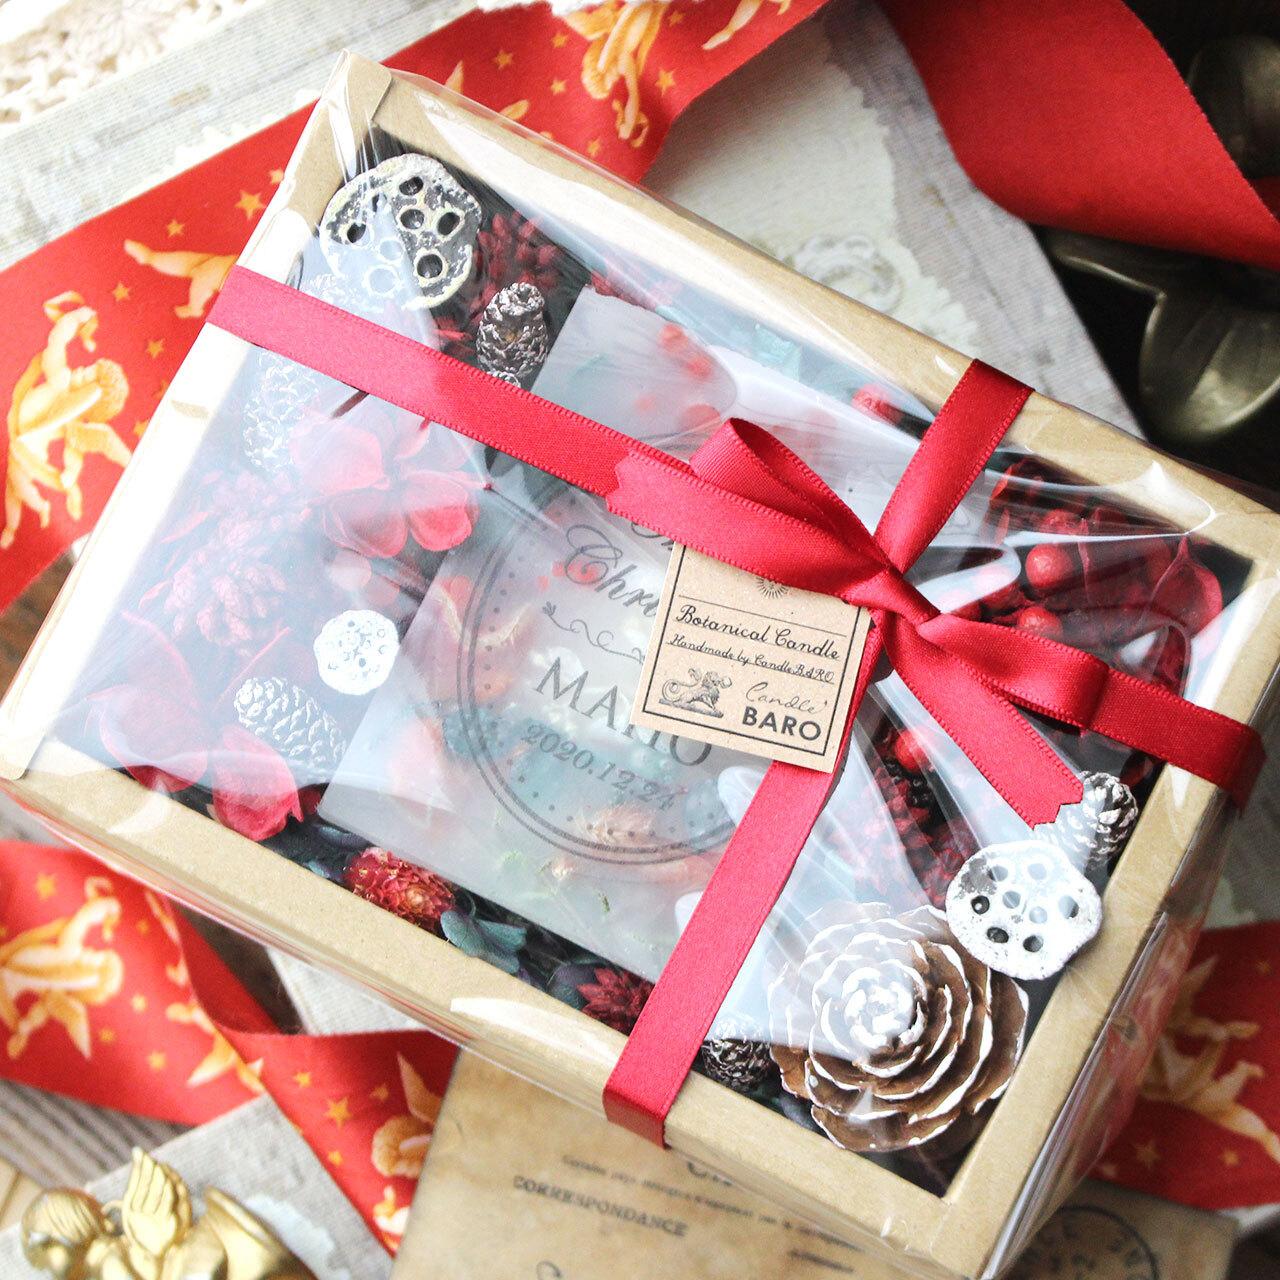 【受注生産】2020クリスマス☆メッセージ&日付&名入れ 透明ラッピング&紙袋付き☆ボタニカルキャンドルギフト